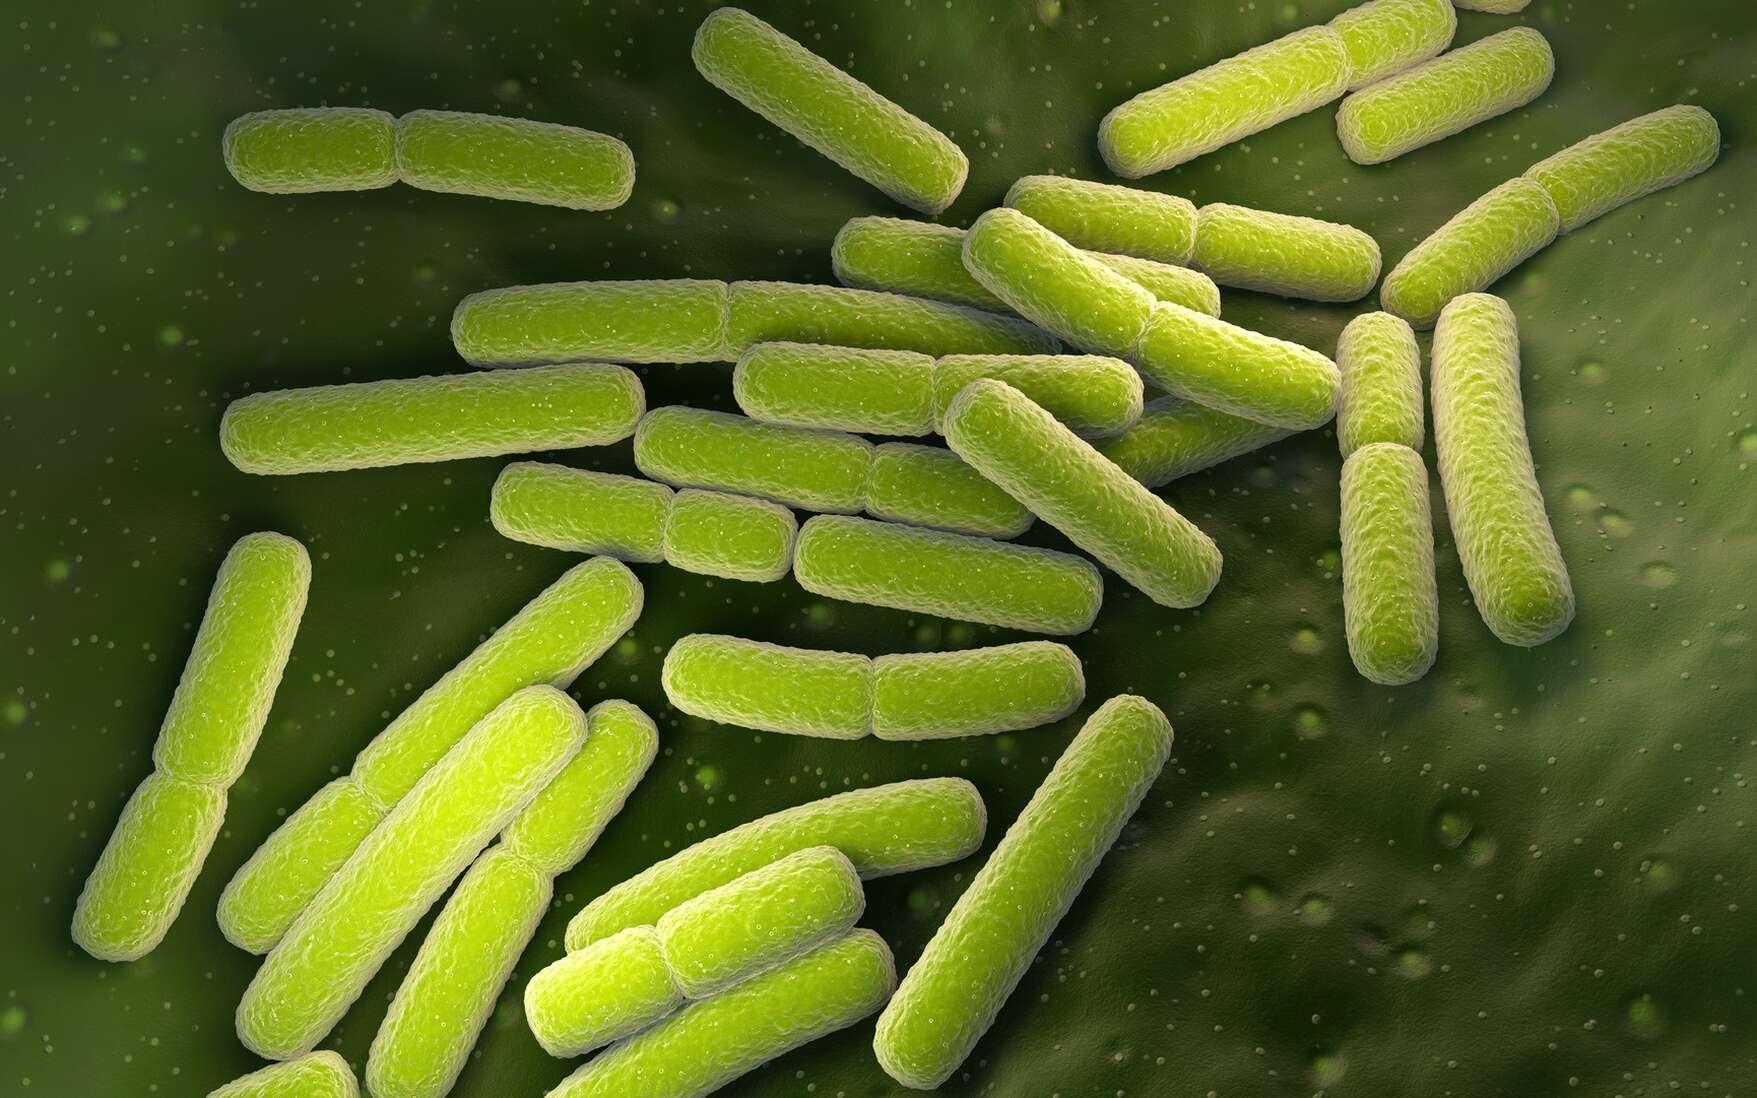 L'augmentation de l'utilisation des antibiotiques fait peur aux médecins américains. © Kateryna_kon, Adobe Stock